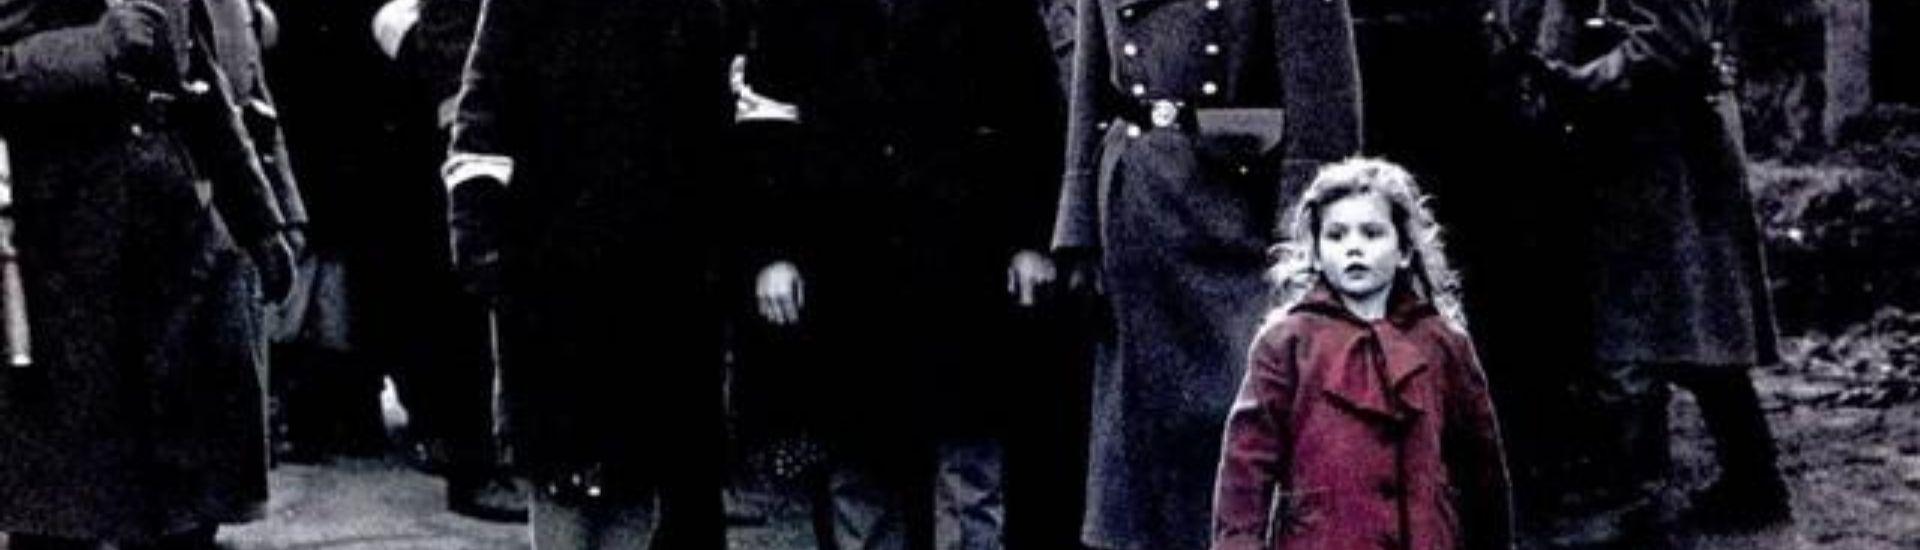 La lista de Schindler imagen